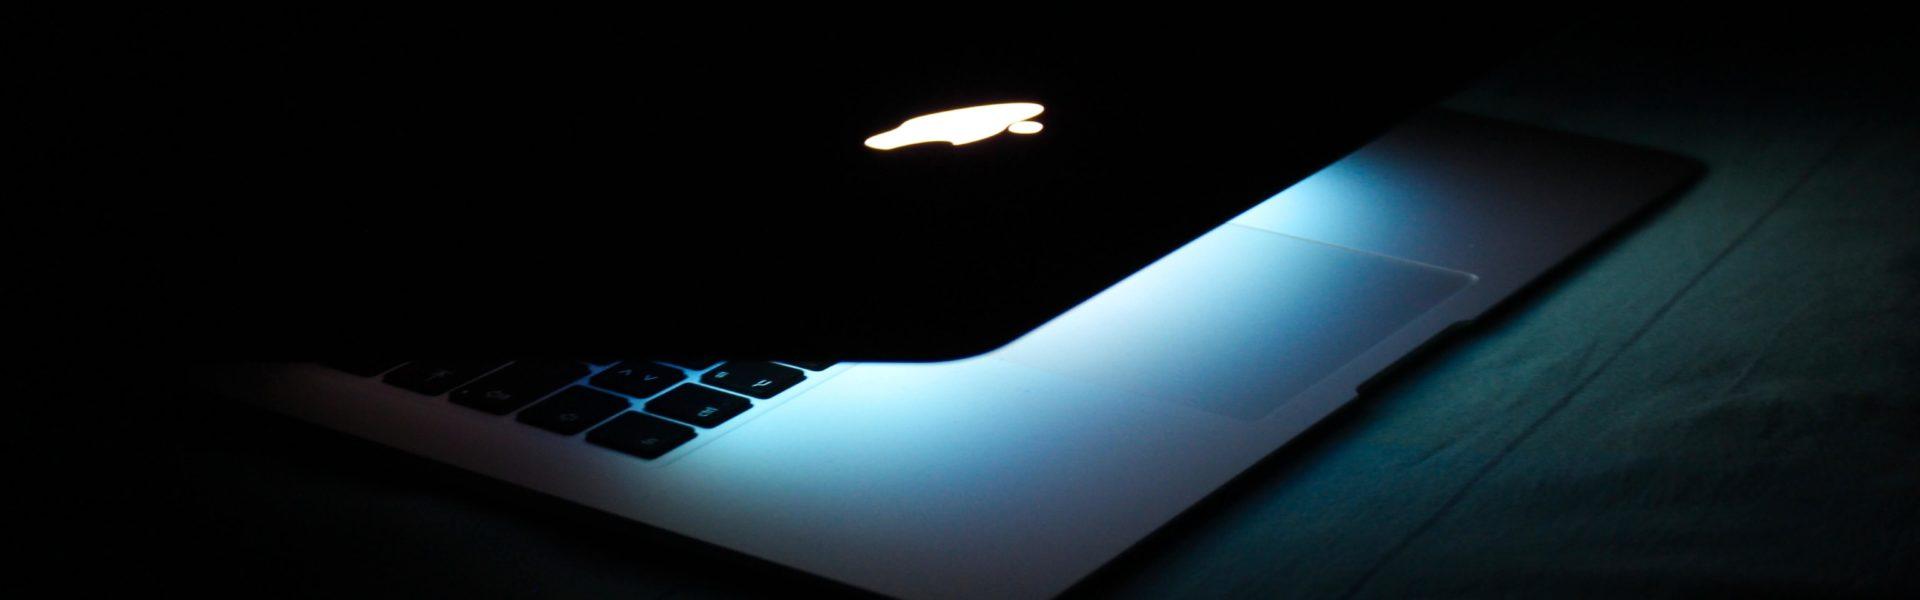 Apple Announces Apple News Plus service